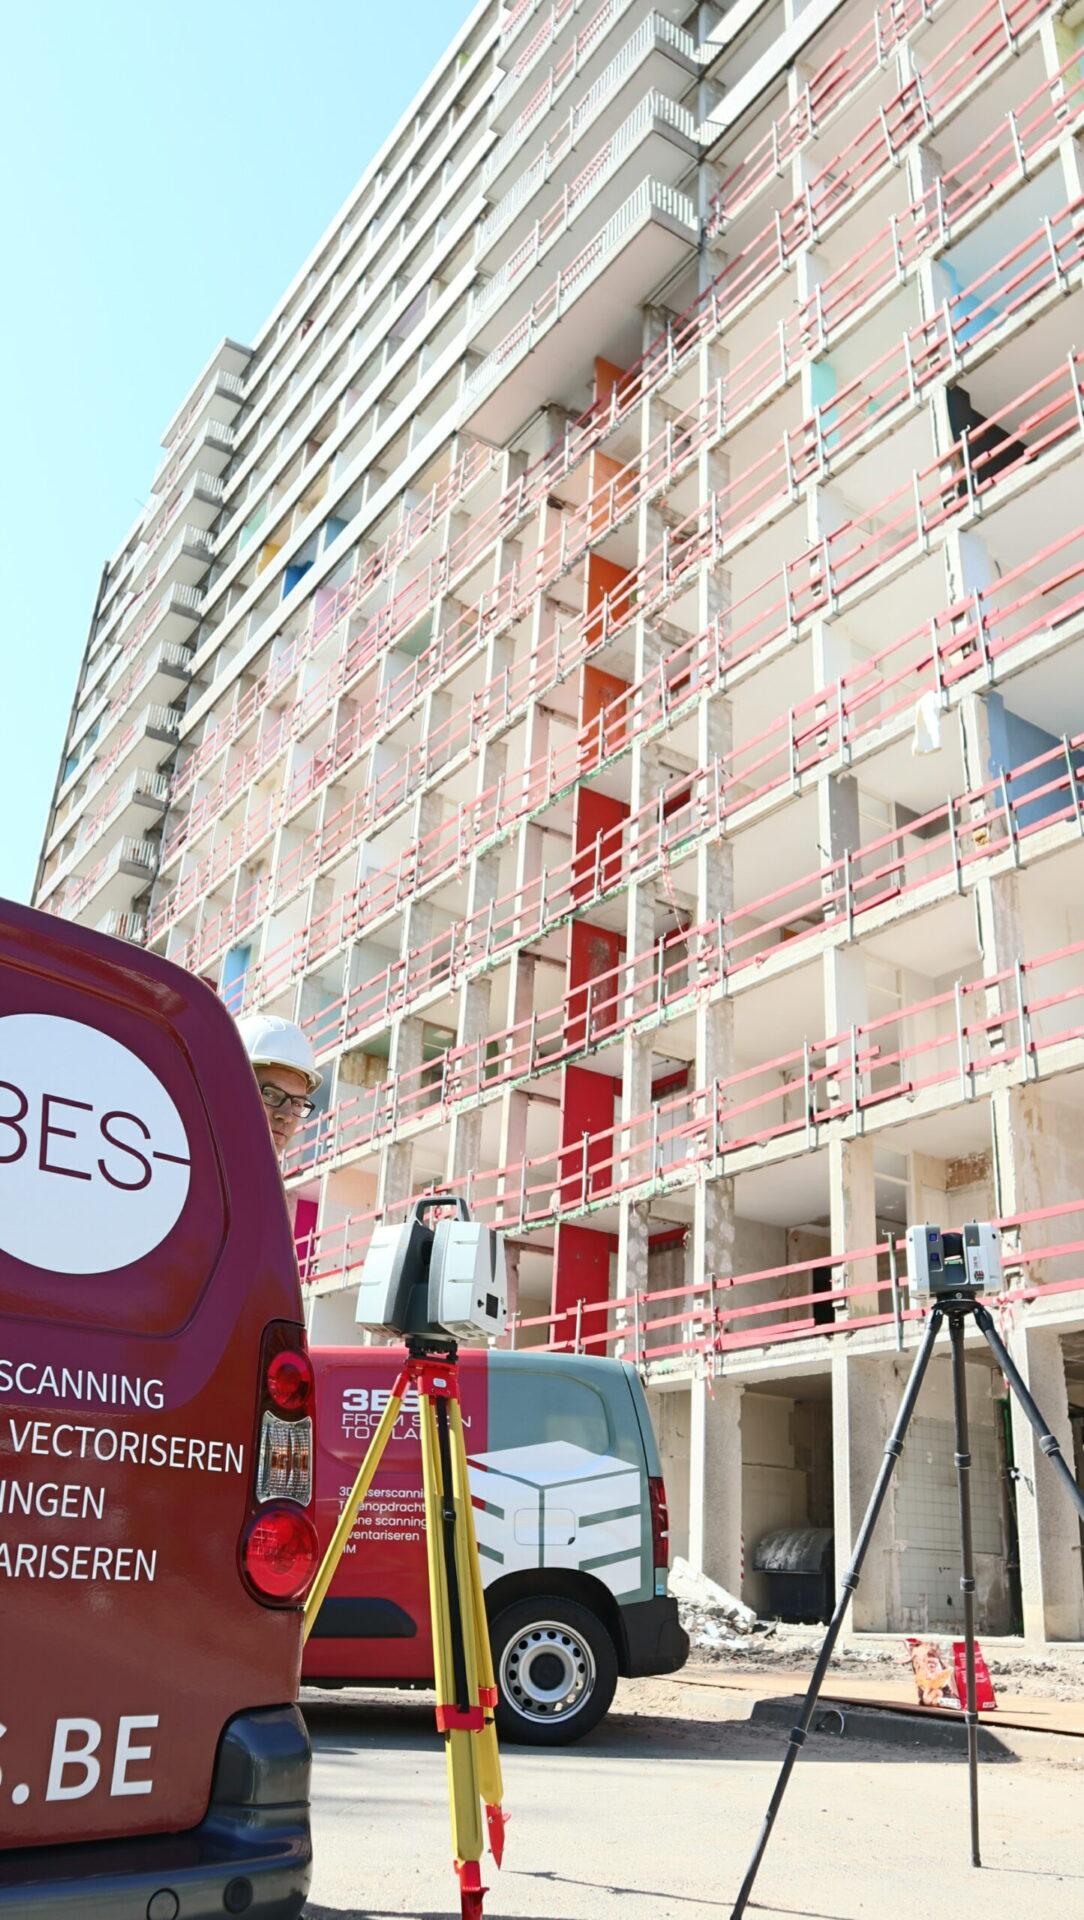 3ES | Laserscanning | as built | werf vuylsteke